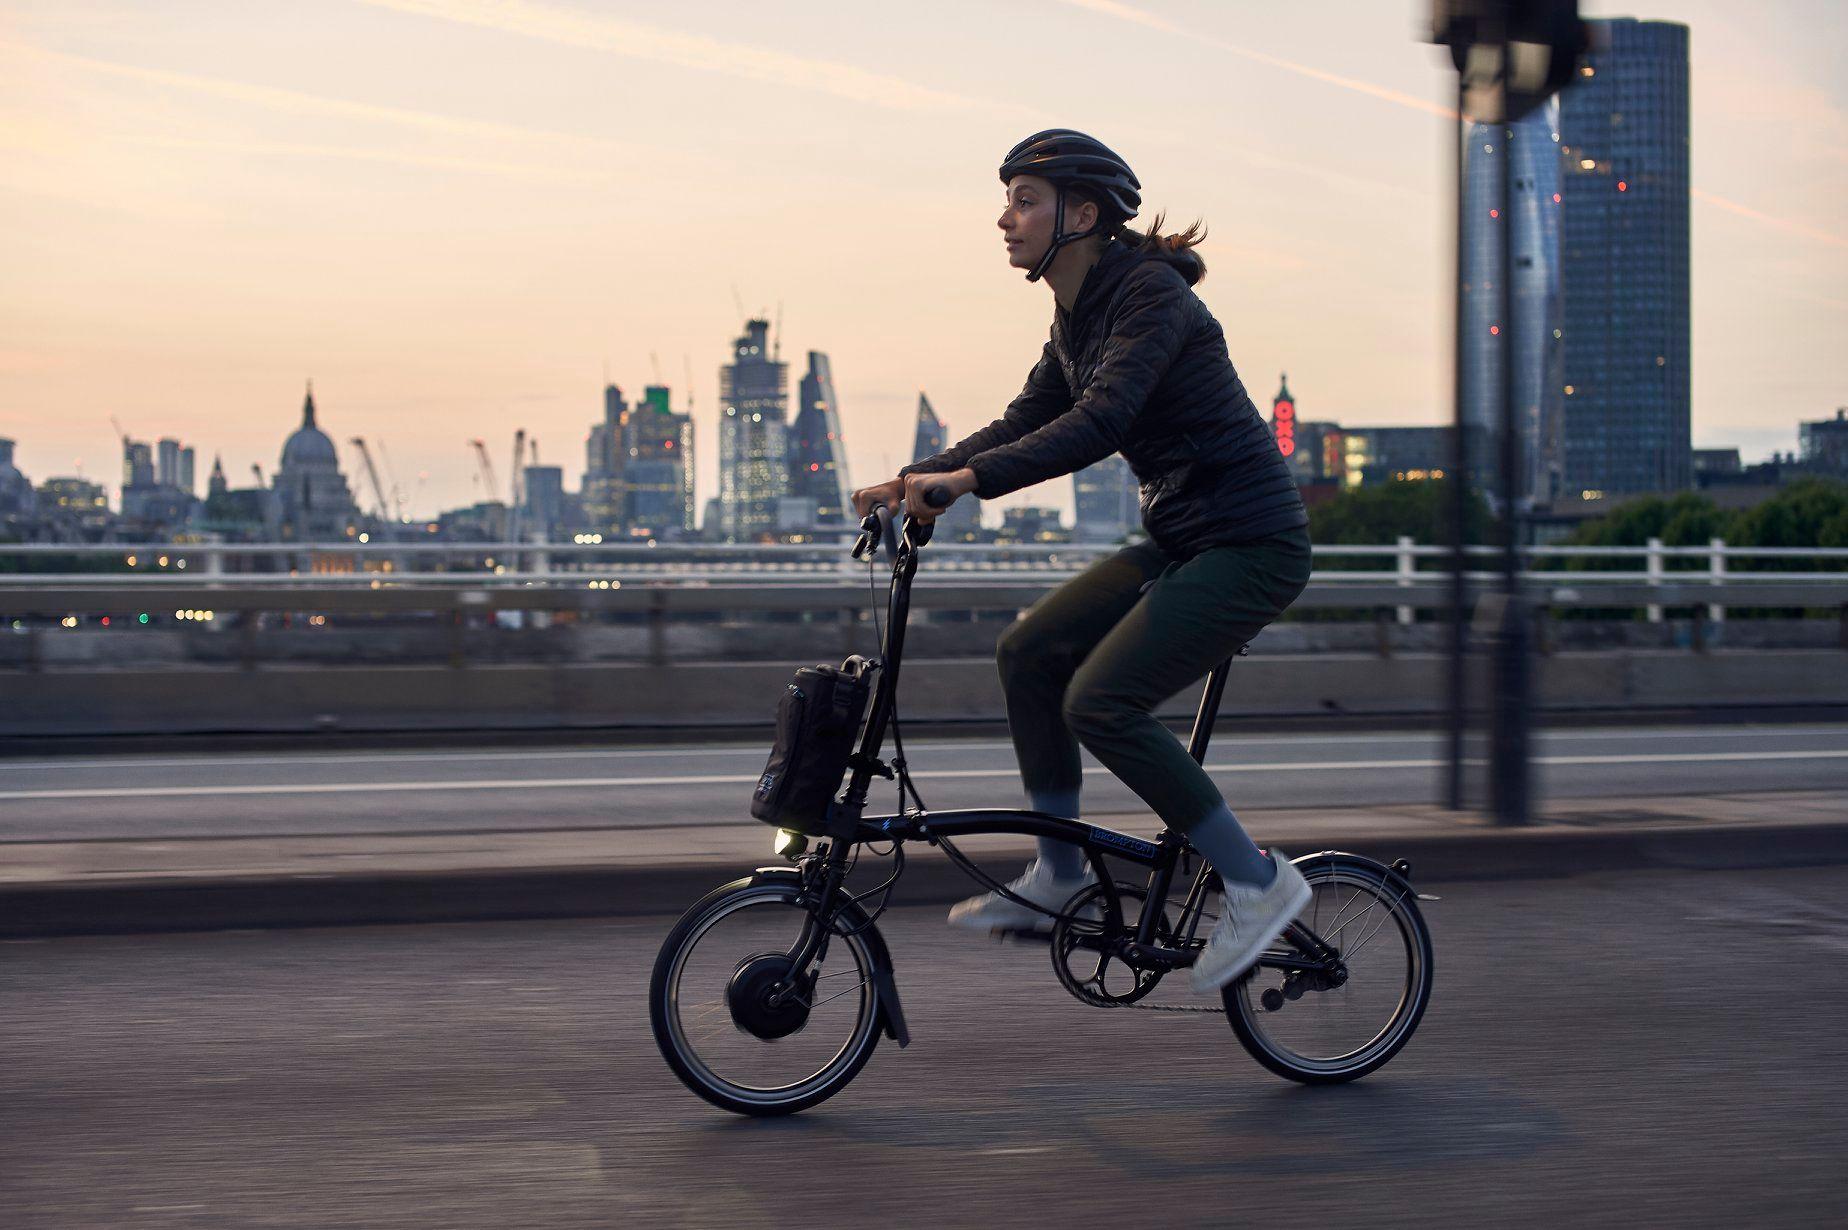 Bicicleta eléctrica plegable: 3 cosas que debes tener en cuenta antes de comprarla